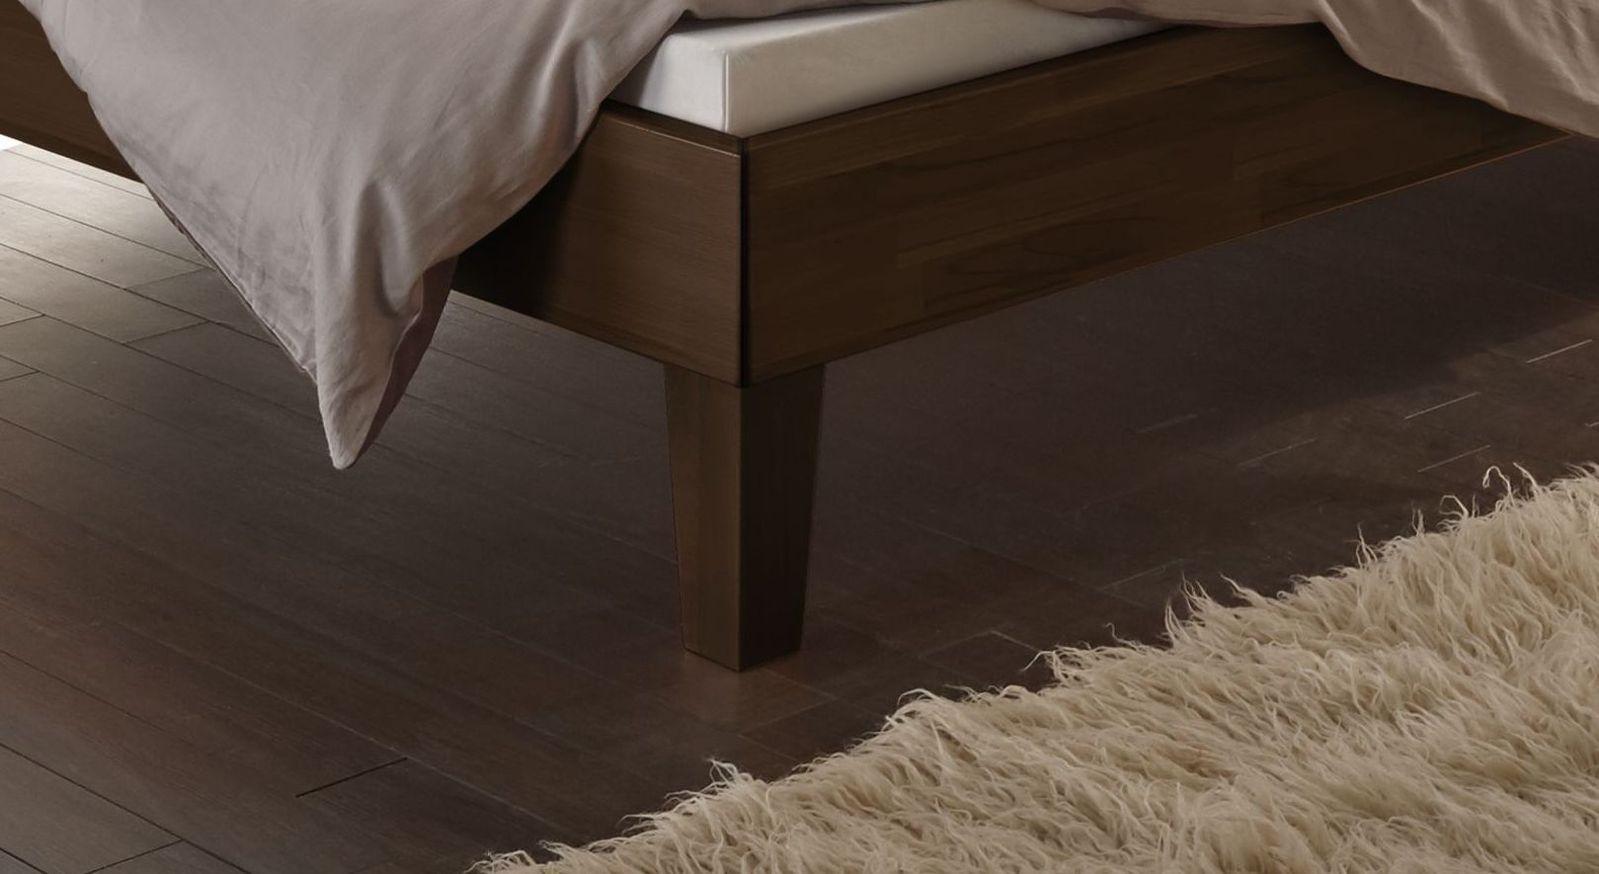 Bett Laredo mit schlanken Holz-Bettbeinen